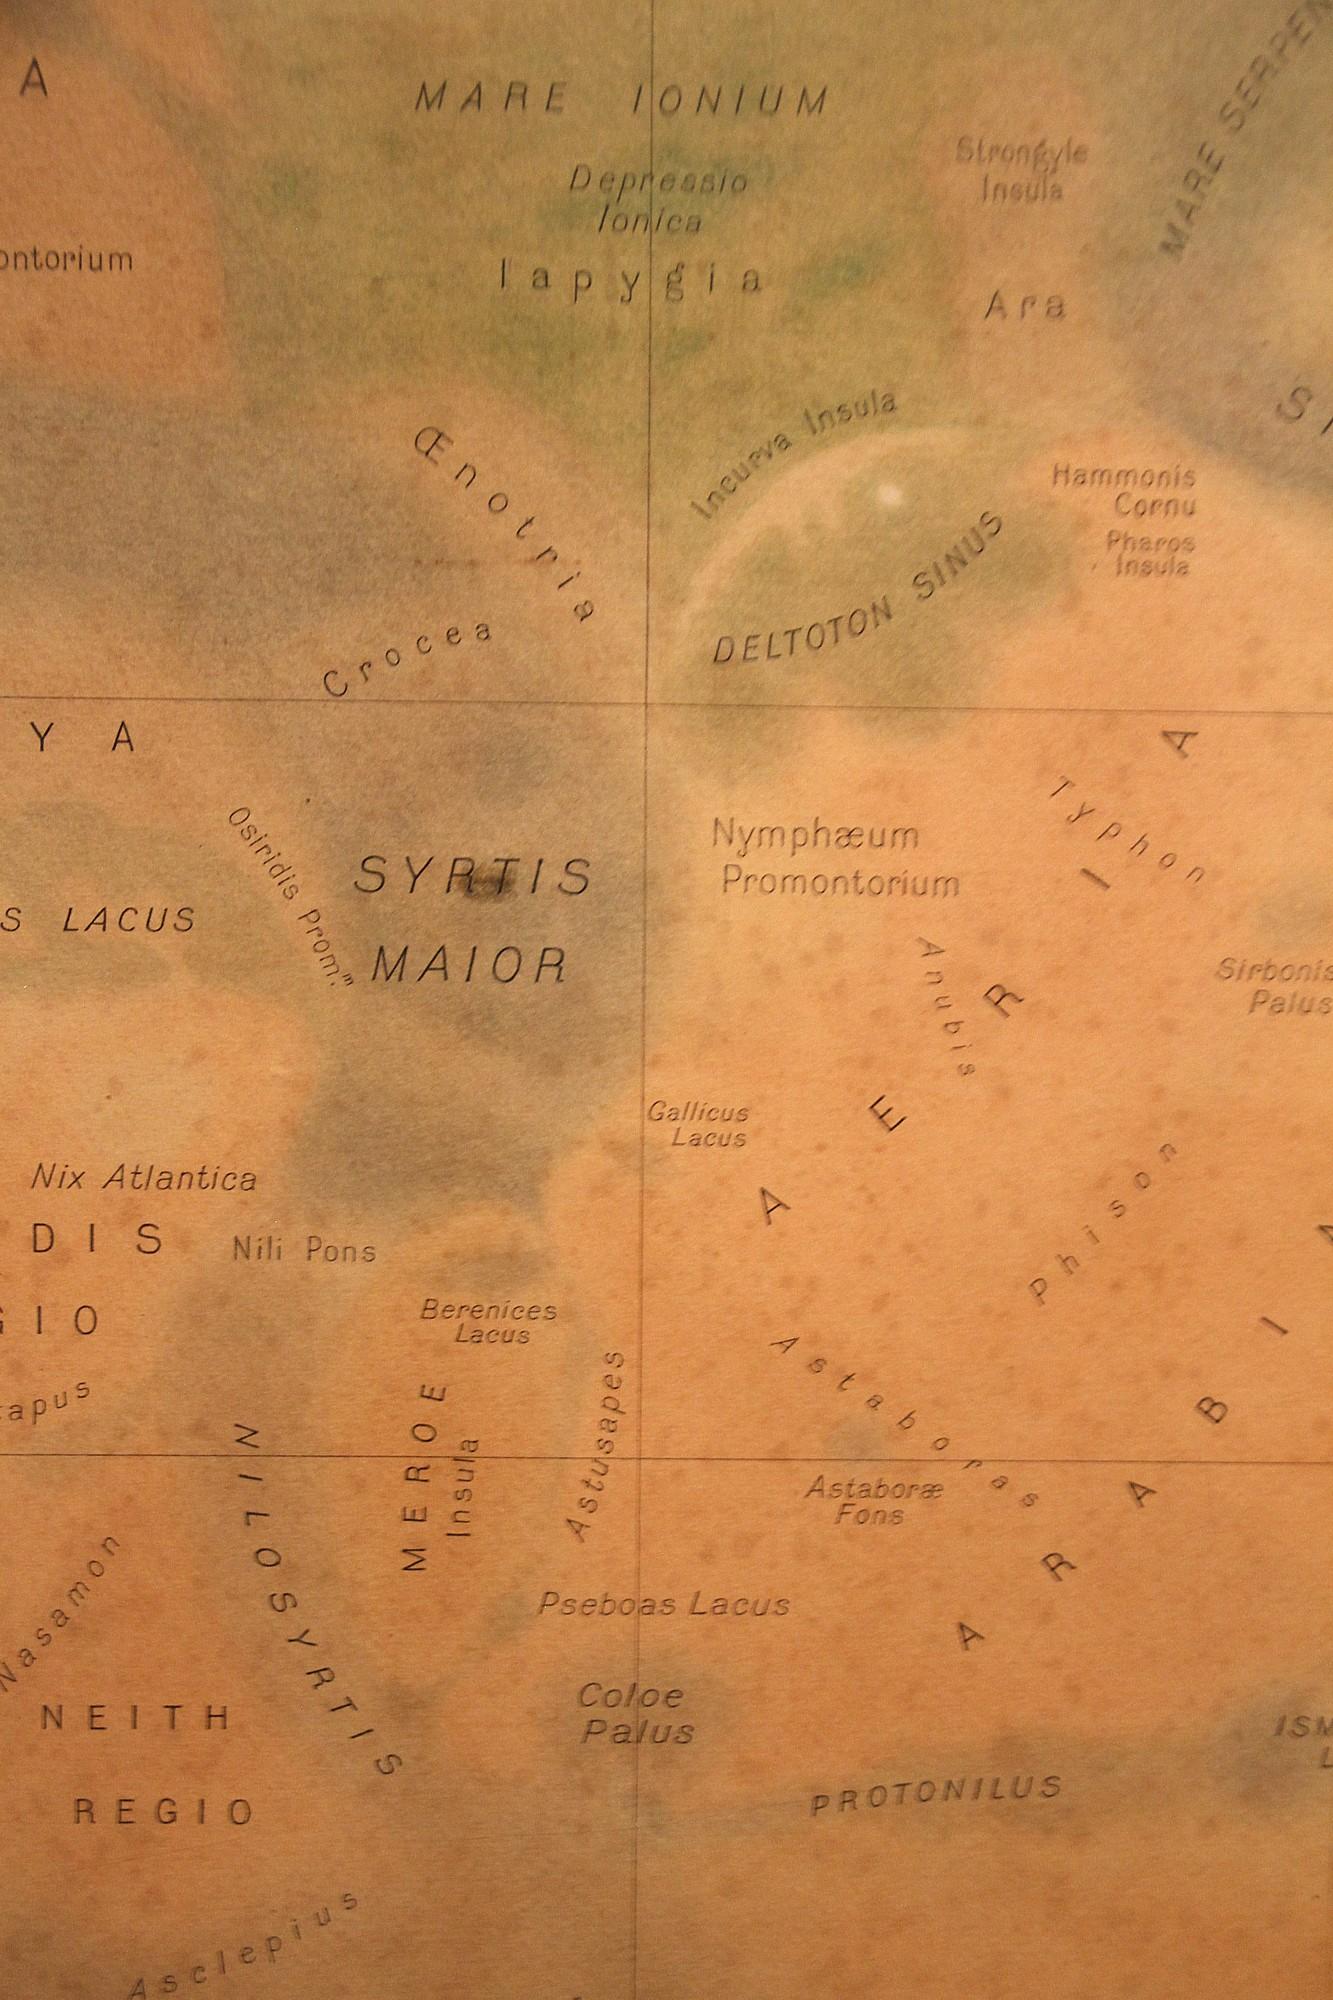 16 02 18 - 16h 29m 24s - explorez mars palais de la découverte r